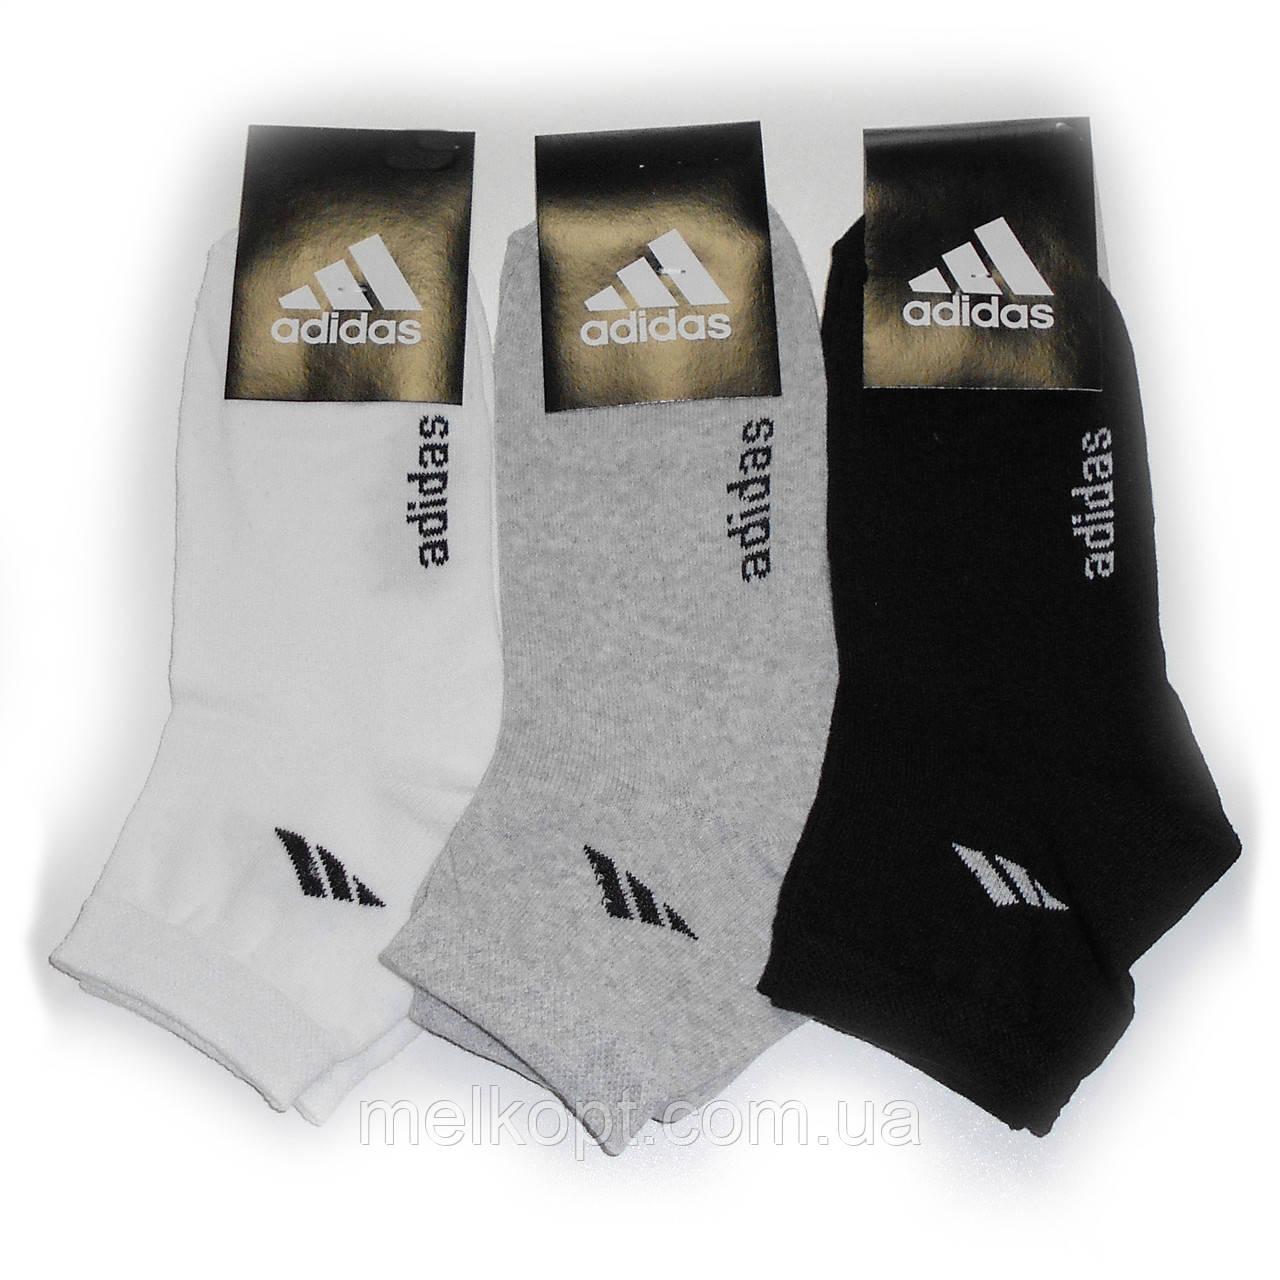 Мужские носки с надписью Adidas - 8,25 грн./пара (светлое ассорти)